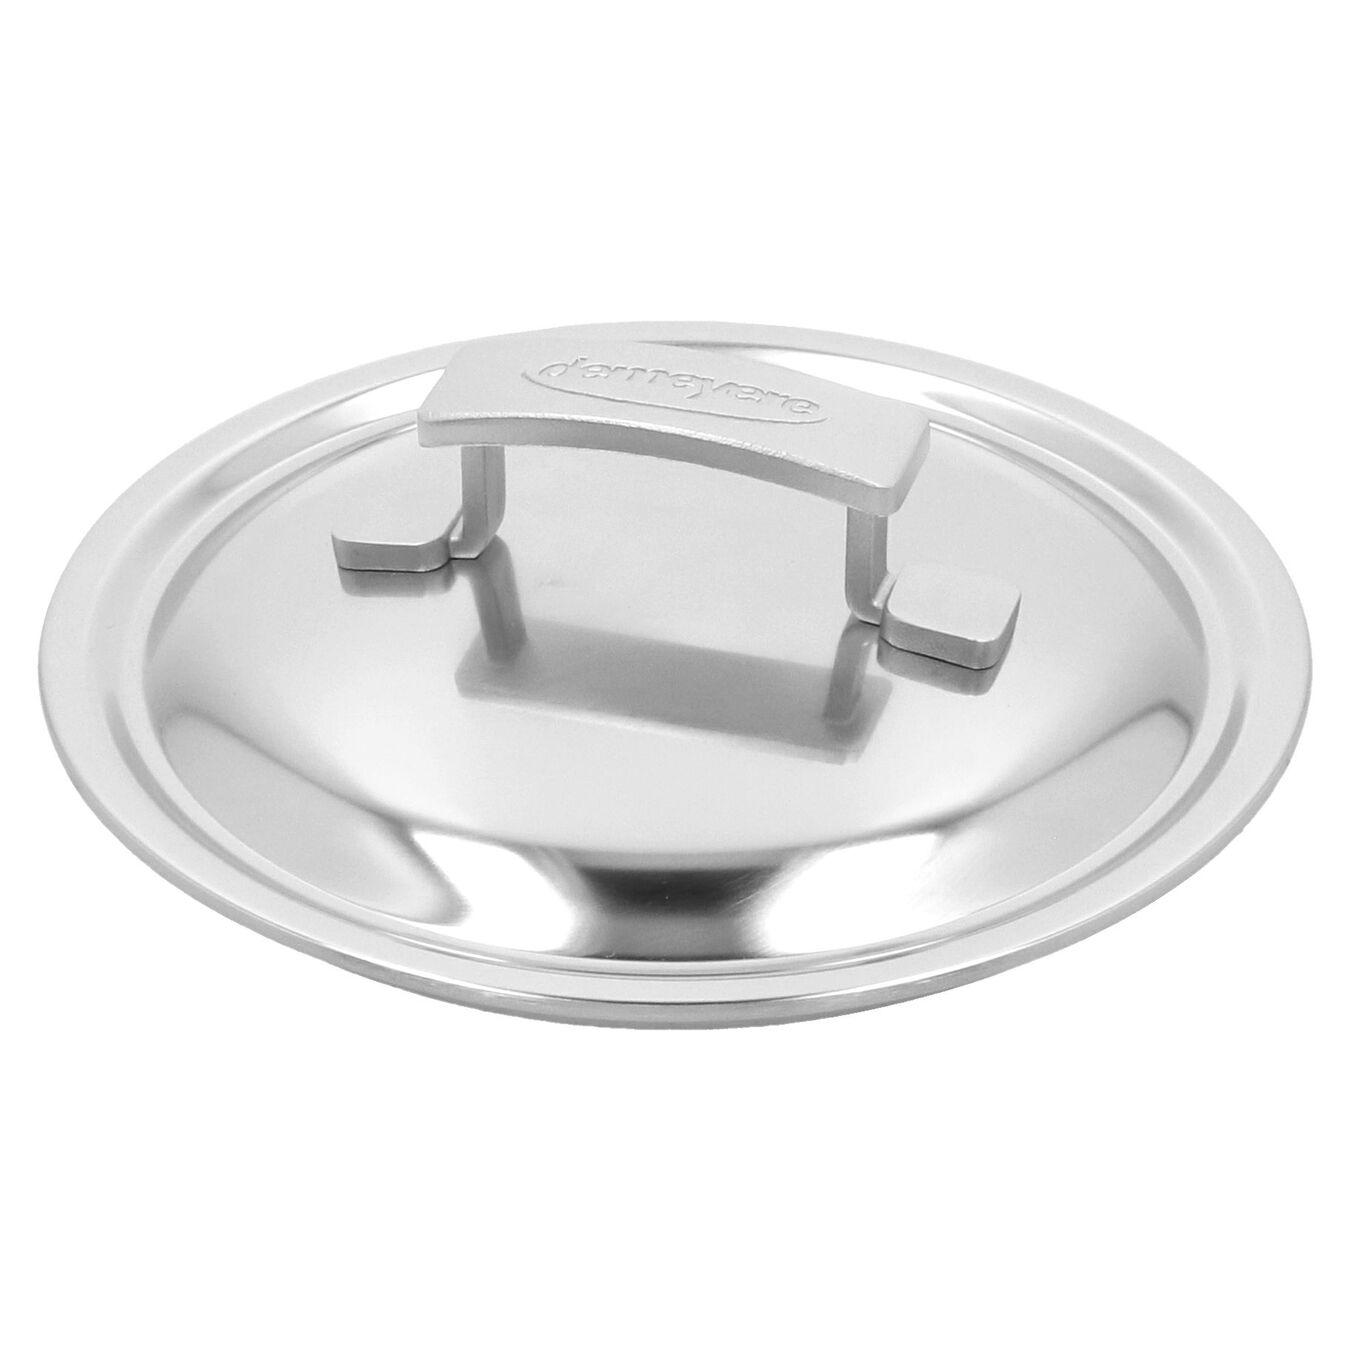 Casseruola con manico con coperchio - 18 cm, 18/10 acciaio inossidabile,,large 3